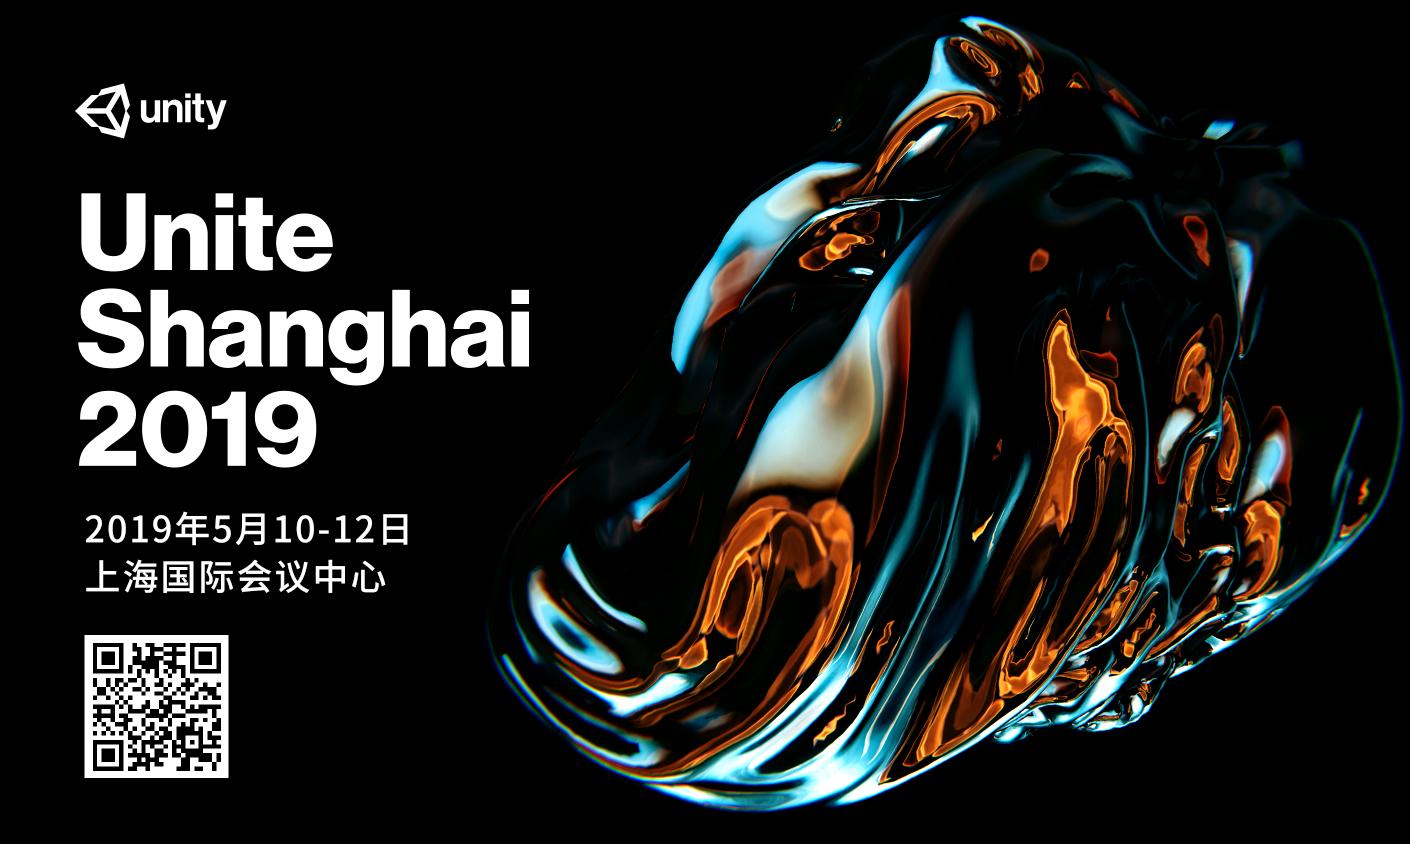 Unite Shanghai 2019